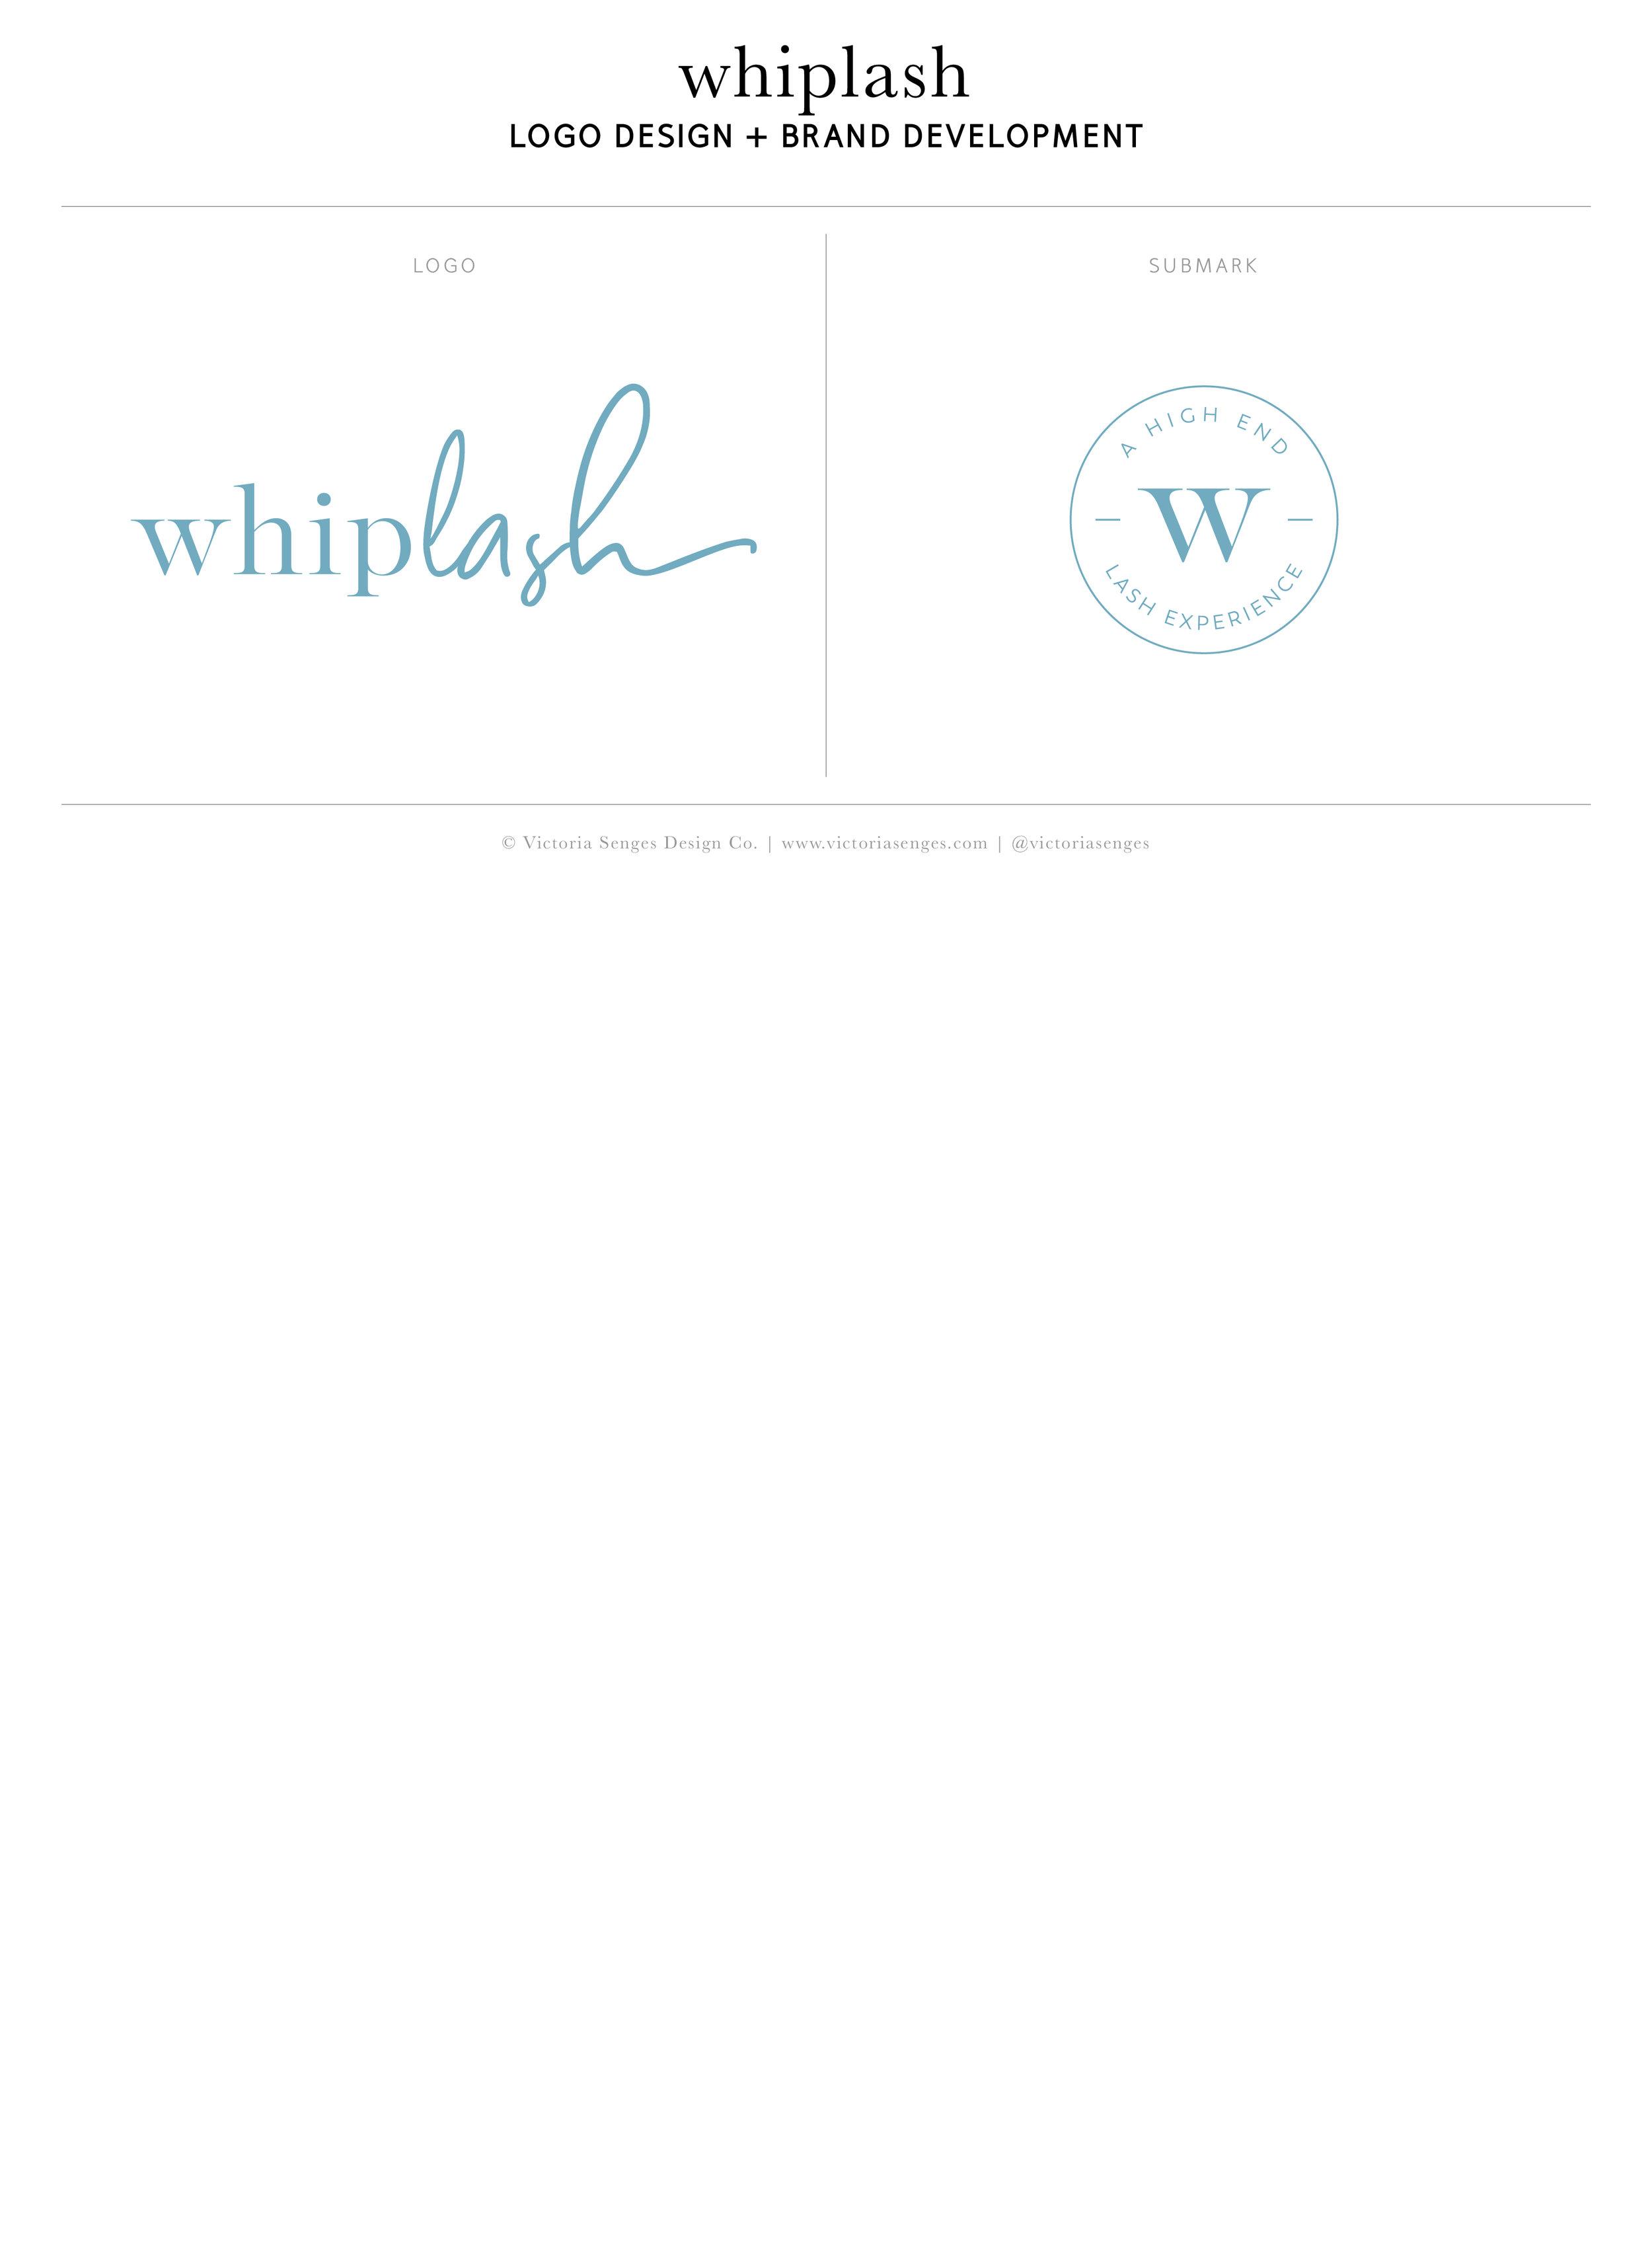 whiplash-branding.jpg